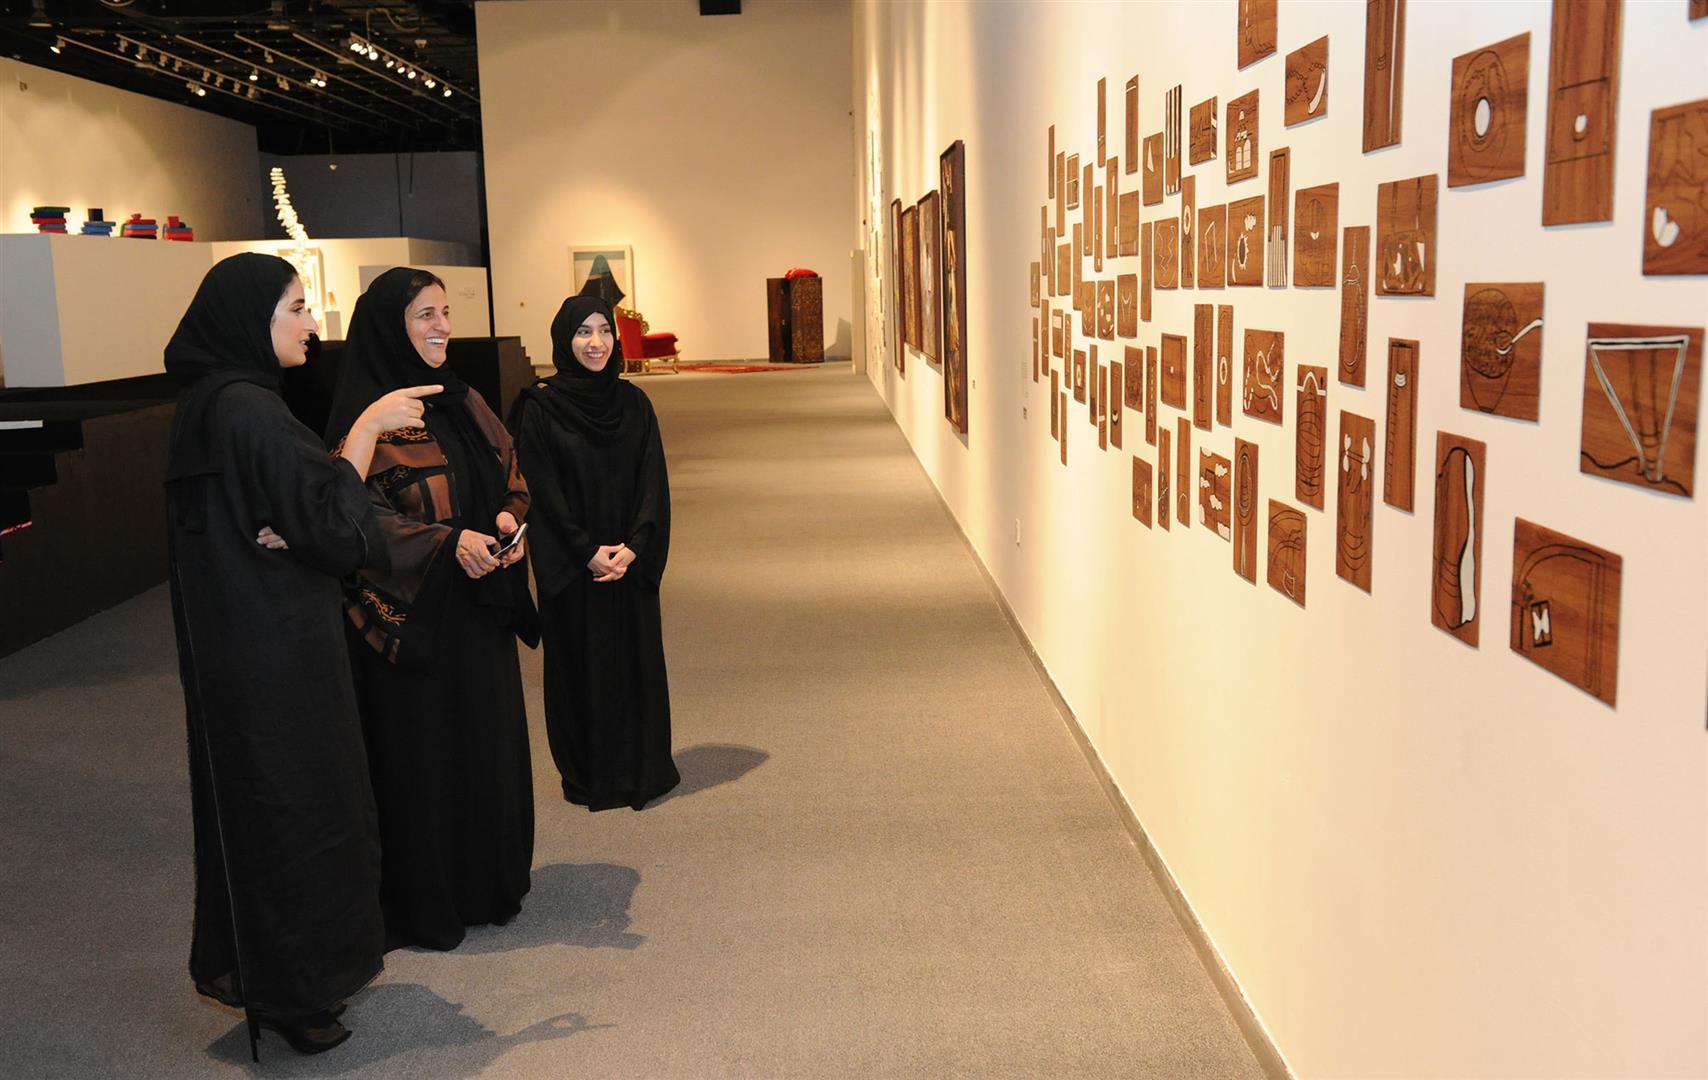 لبنى القاسمي تزور معرض مشاريع تخرج طالبات الفنون بجامعة زايد 3